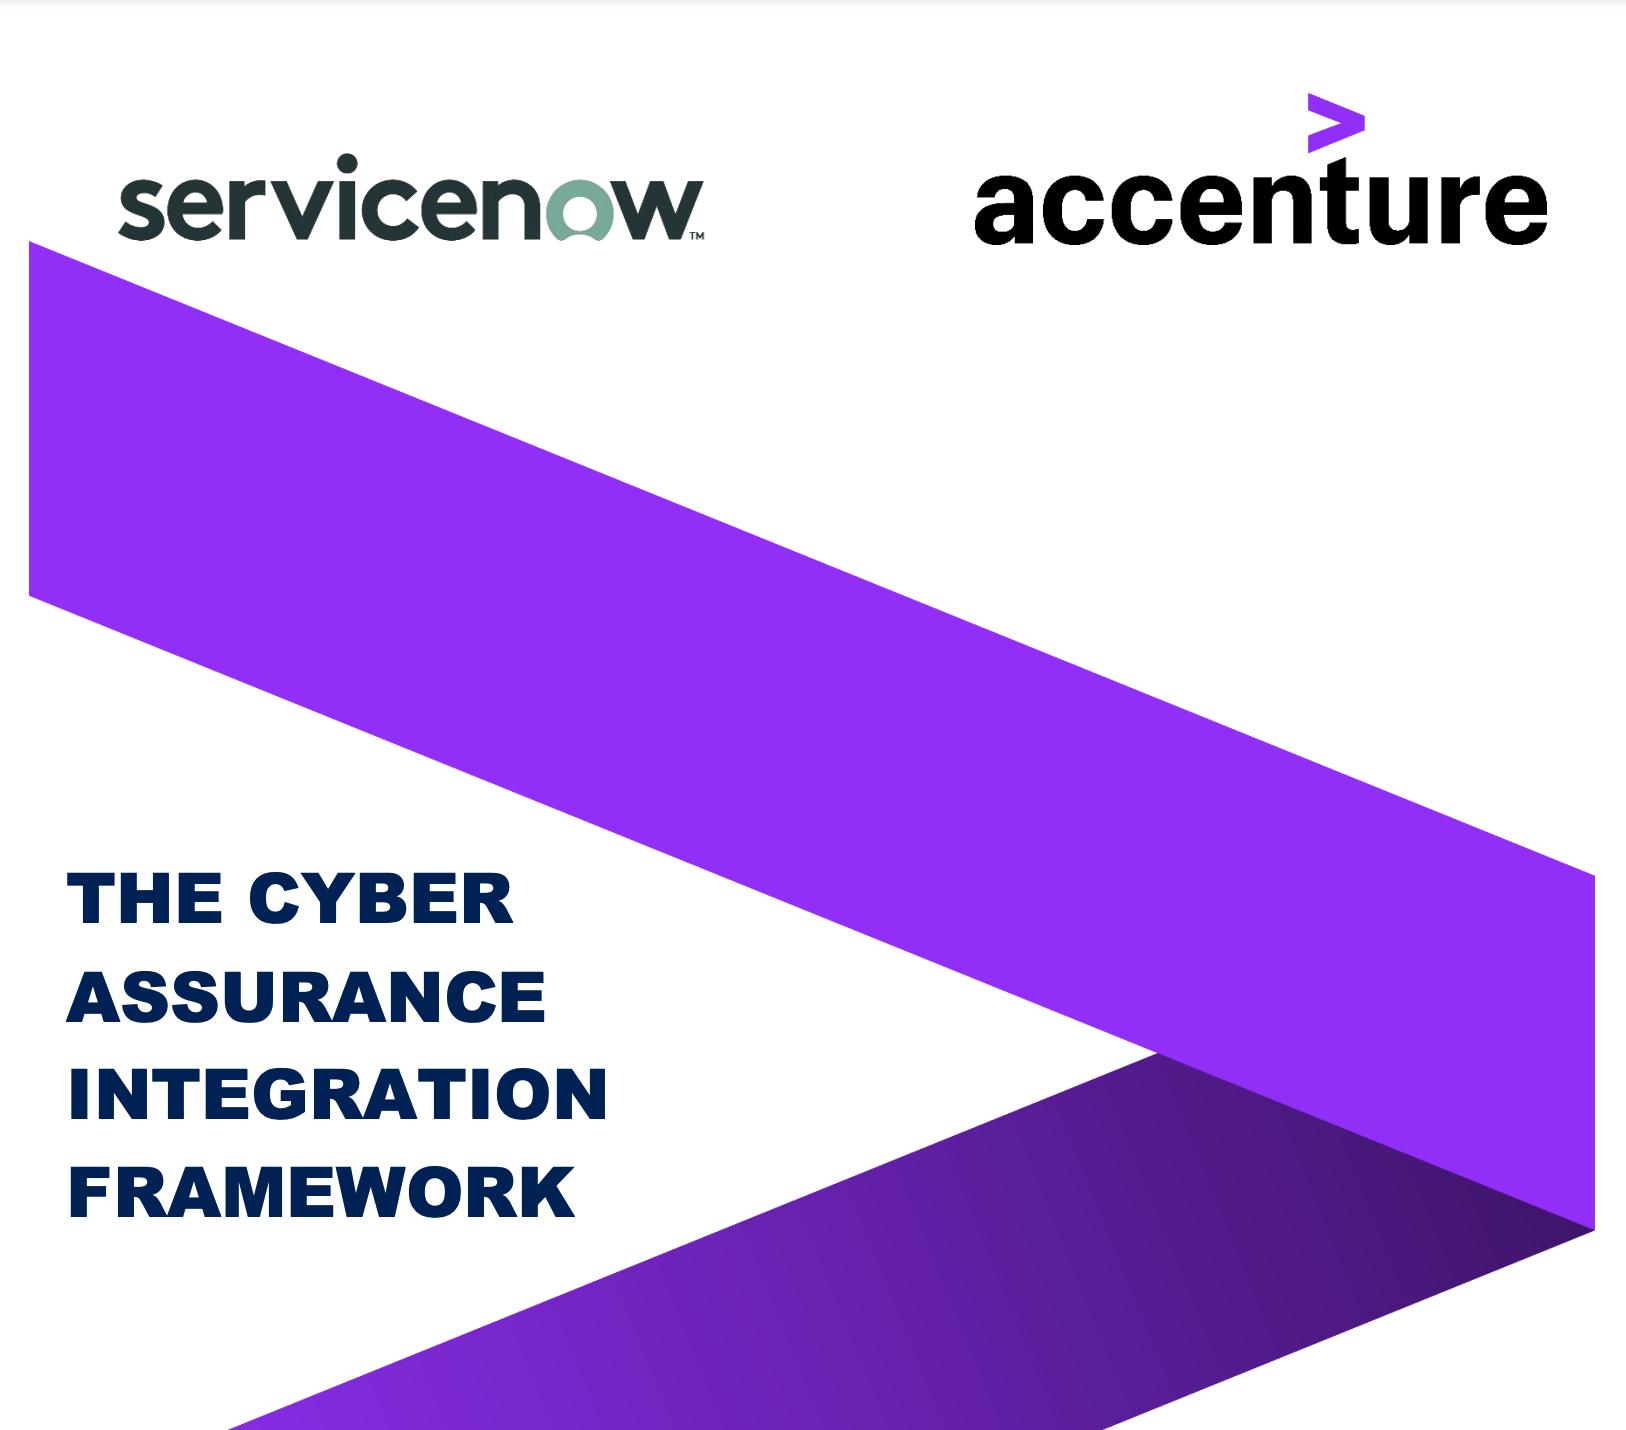 TEST - The Cyber Assurance Integration Framework